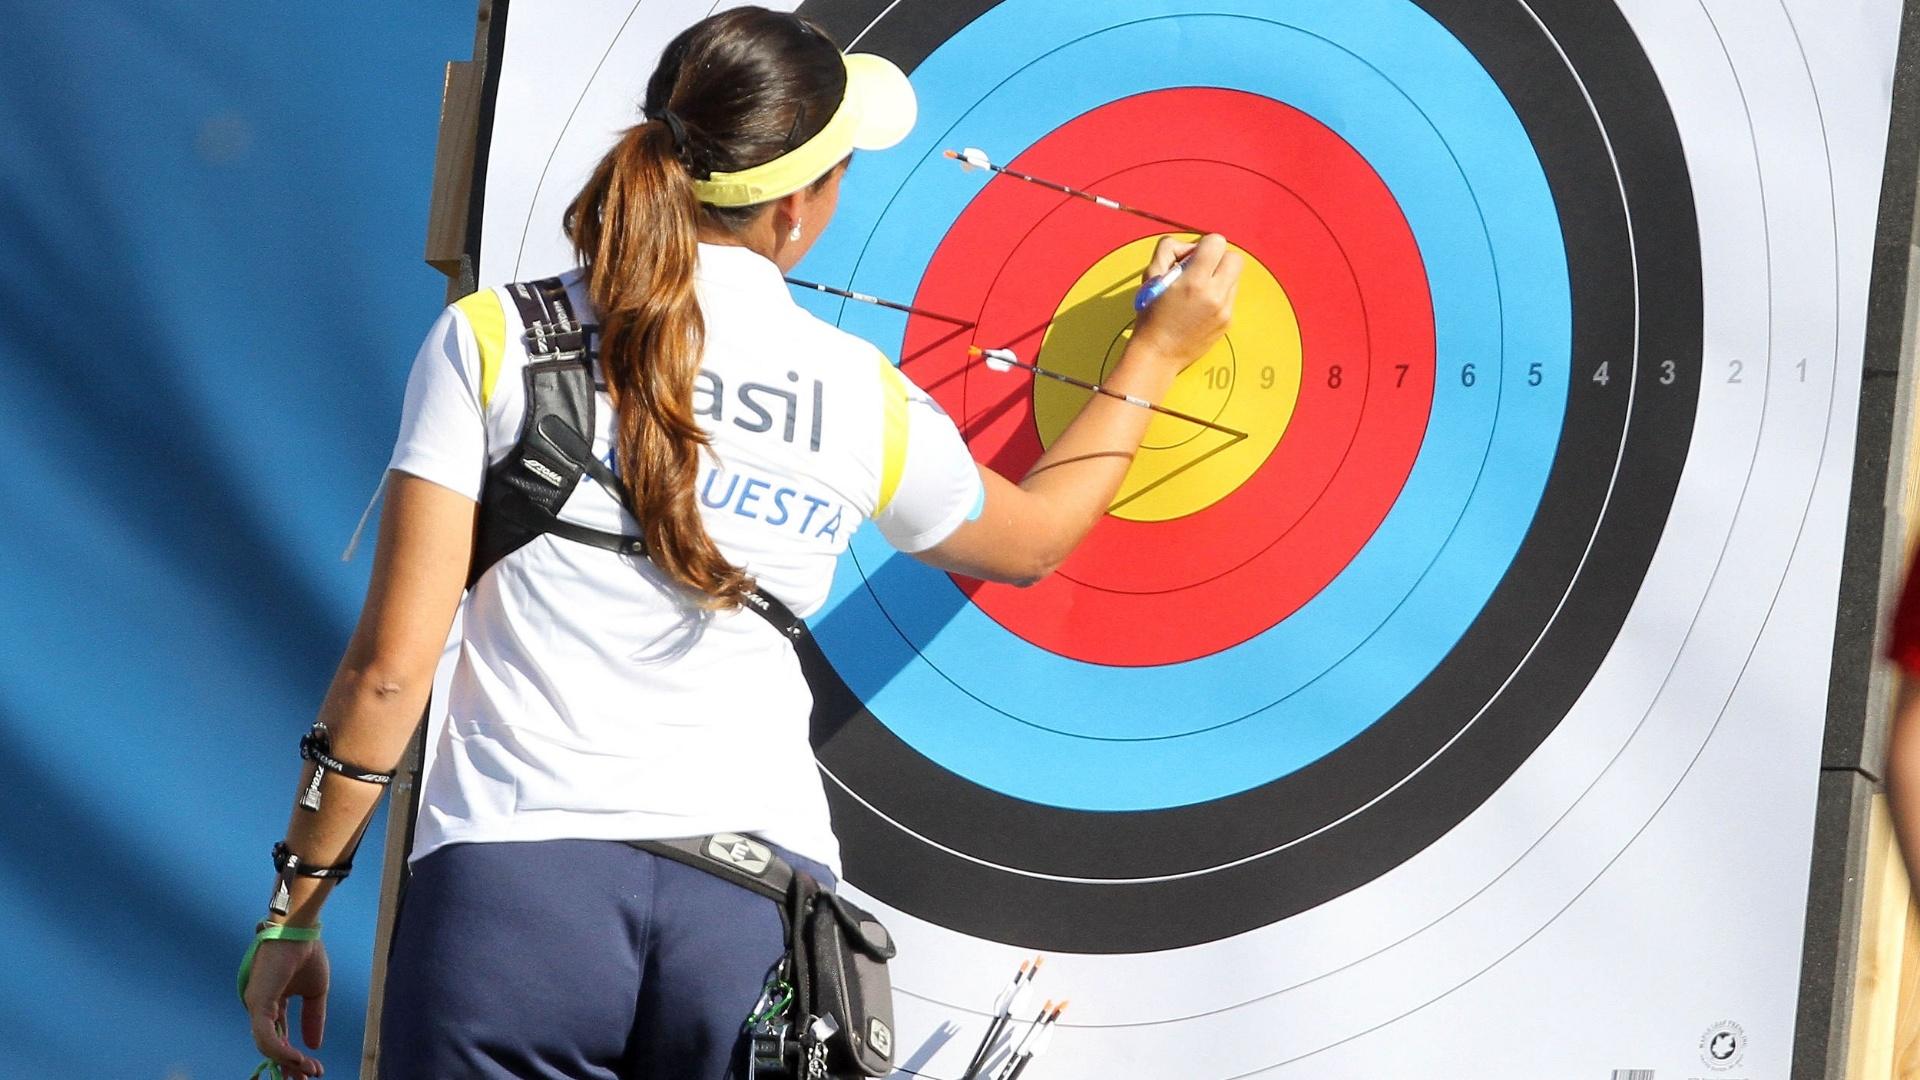 Michelle Aqcuesta verifica onde acertou os alvos no tiro do arco do Pan (19/10/2011)